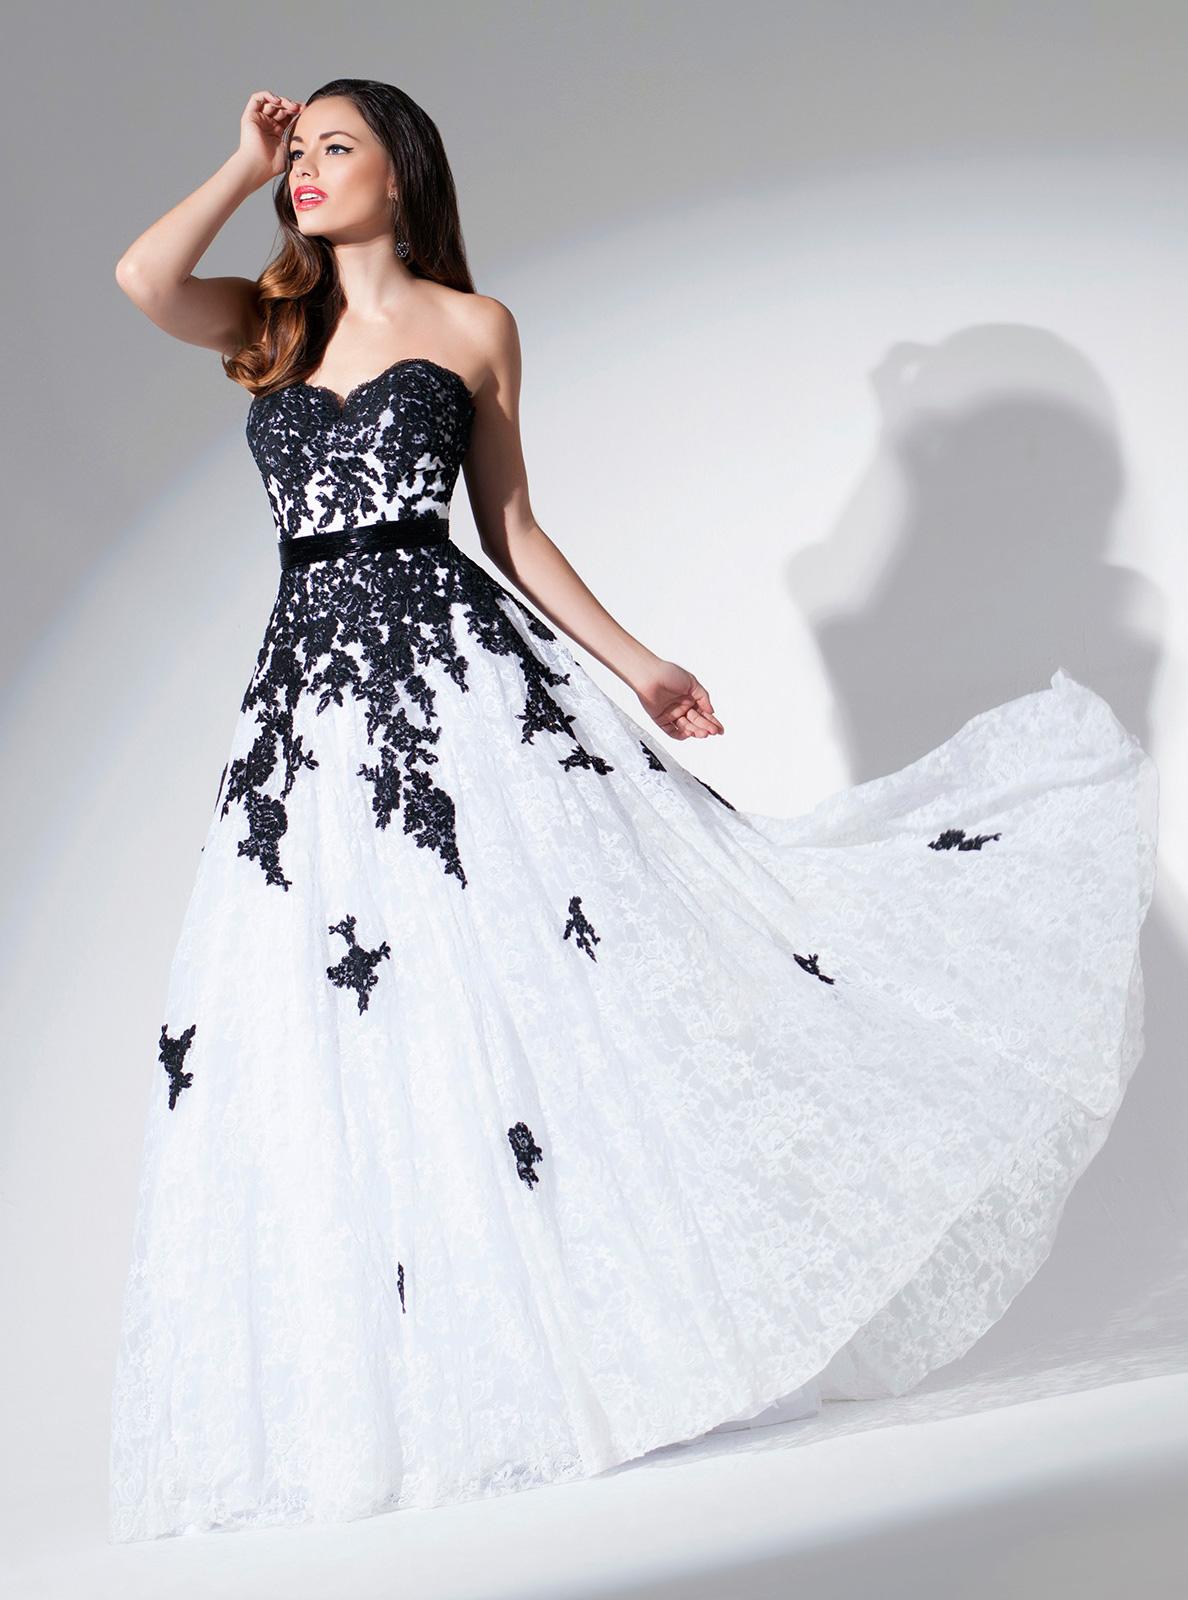 Vestido de Festa tomara que caia princesa, todo em renda francesa com aplicações rebordadas em pedrarias, faixa em pedrarias na cintura saia com corte evasê.